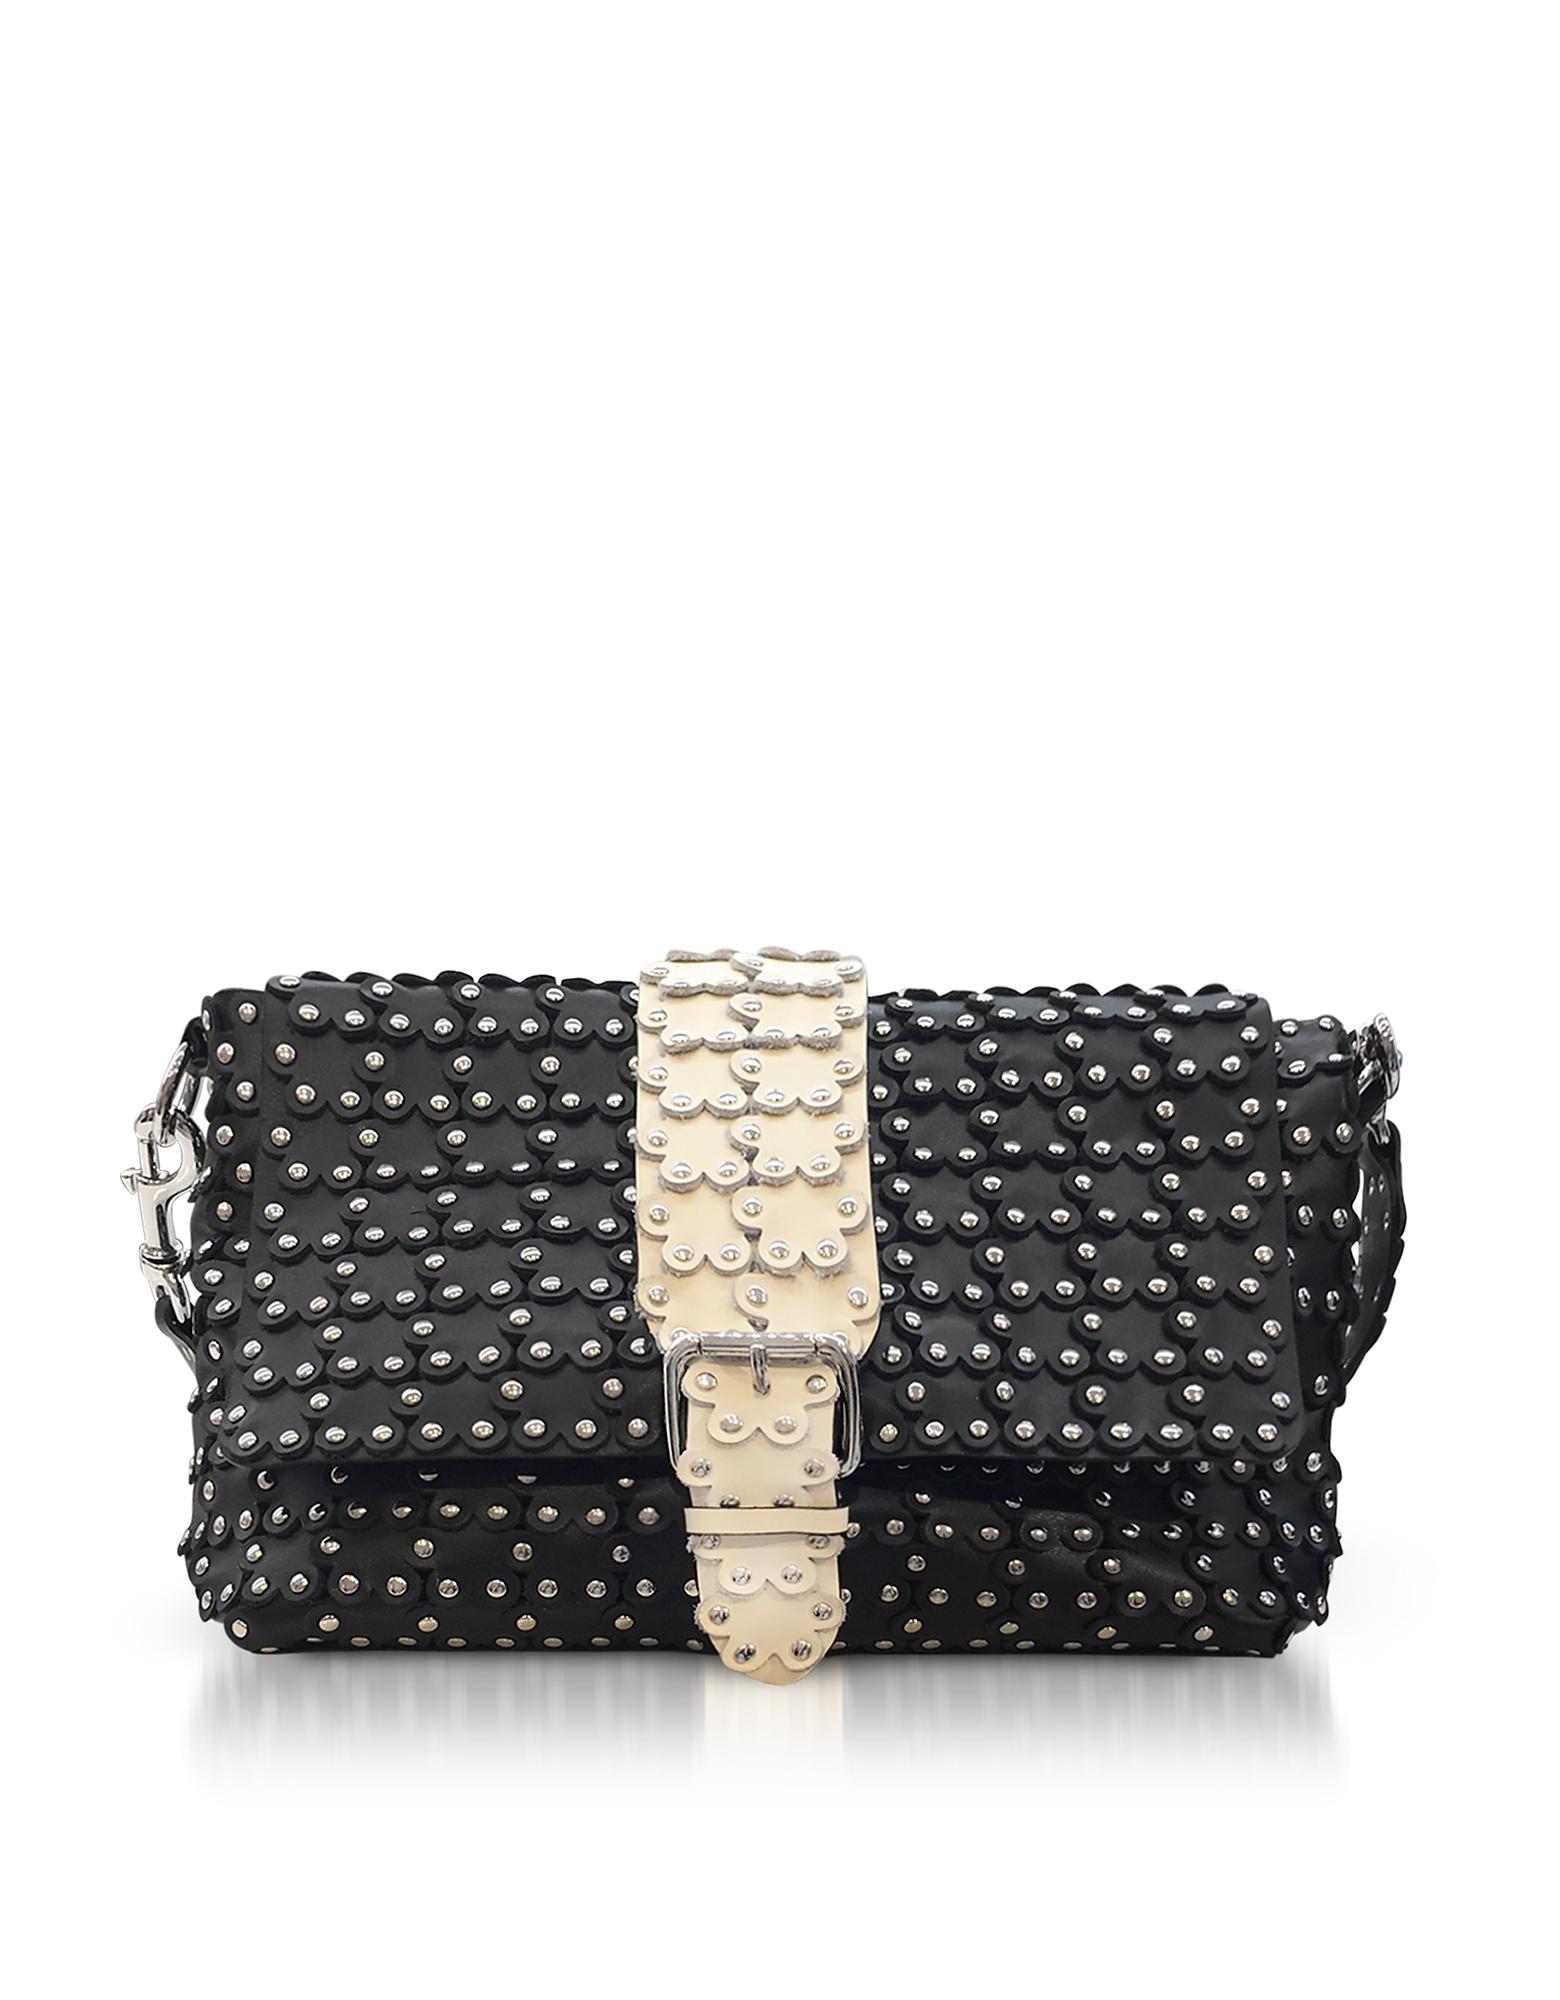 RED Valentino Handbags, Black/Ivory Studded Leather Flap Top Shoulder Bag